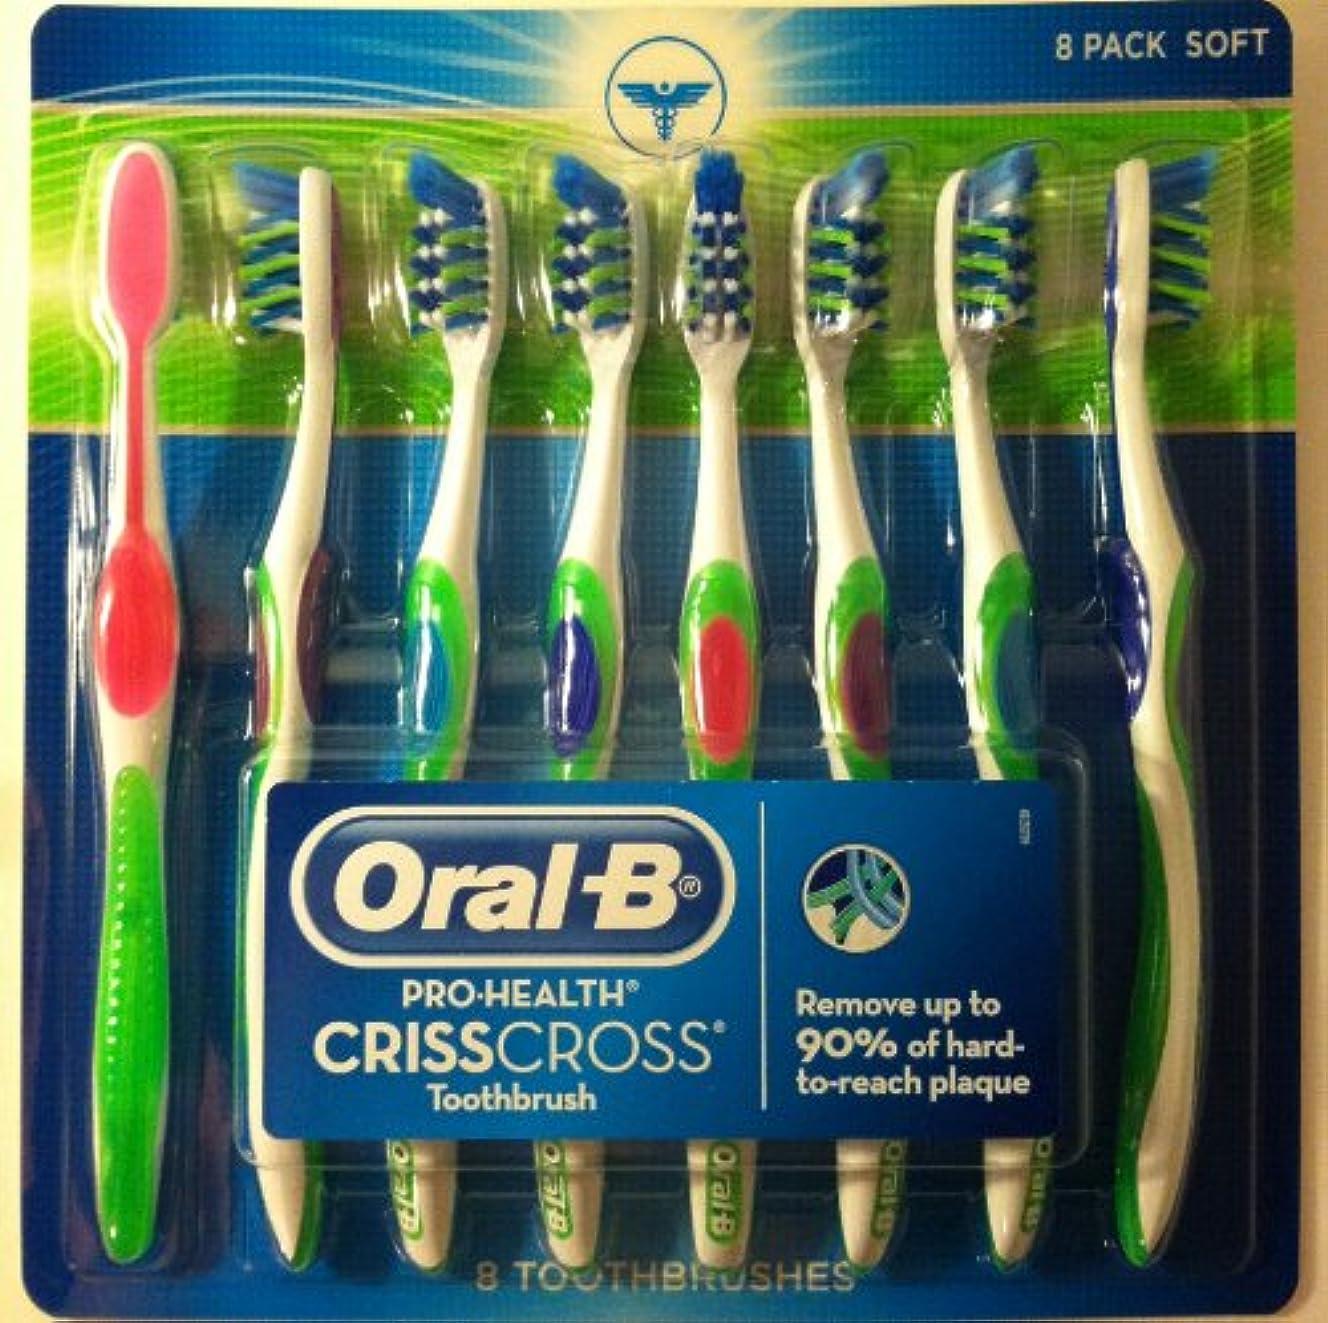 主観的作詞家強大な【歯垢をかきだす歯ブラシ】ORAL B® ADVANTAGE CRISSCROSS TOOTHBRUSH - SOFT 8本 歯ブラシ